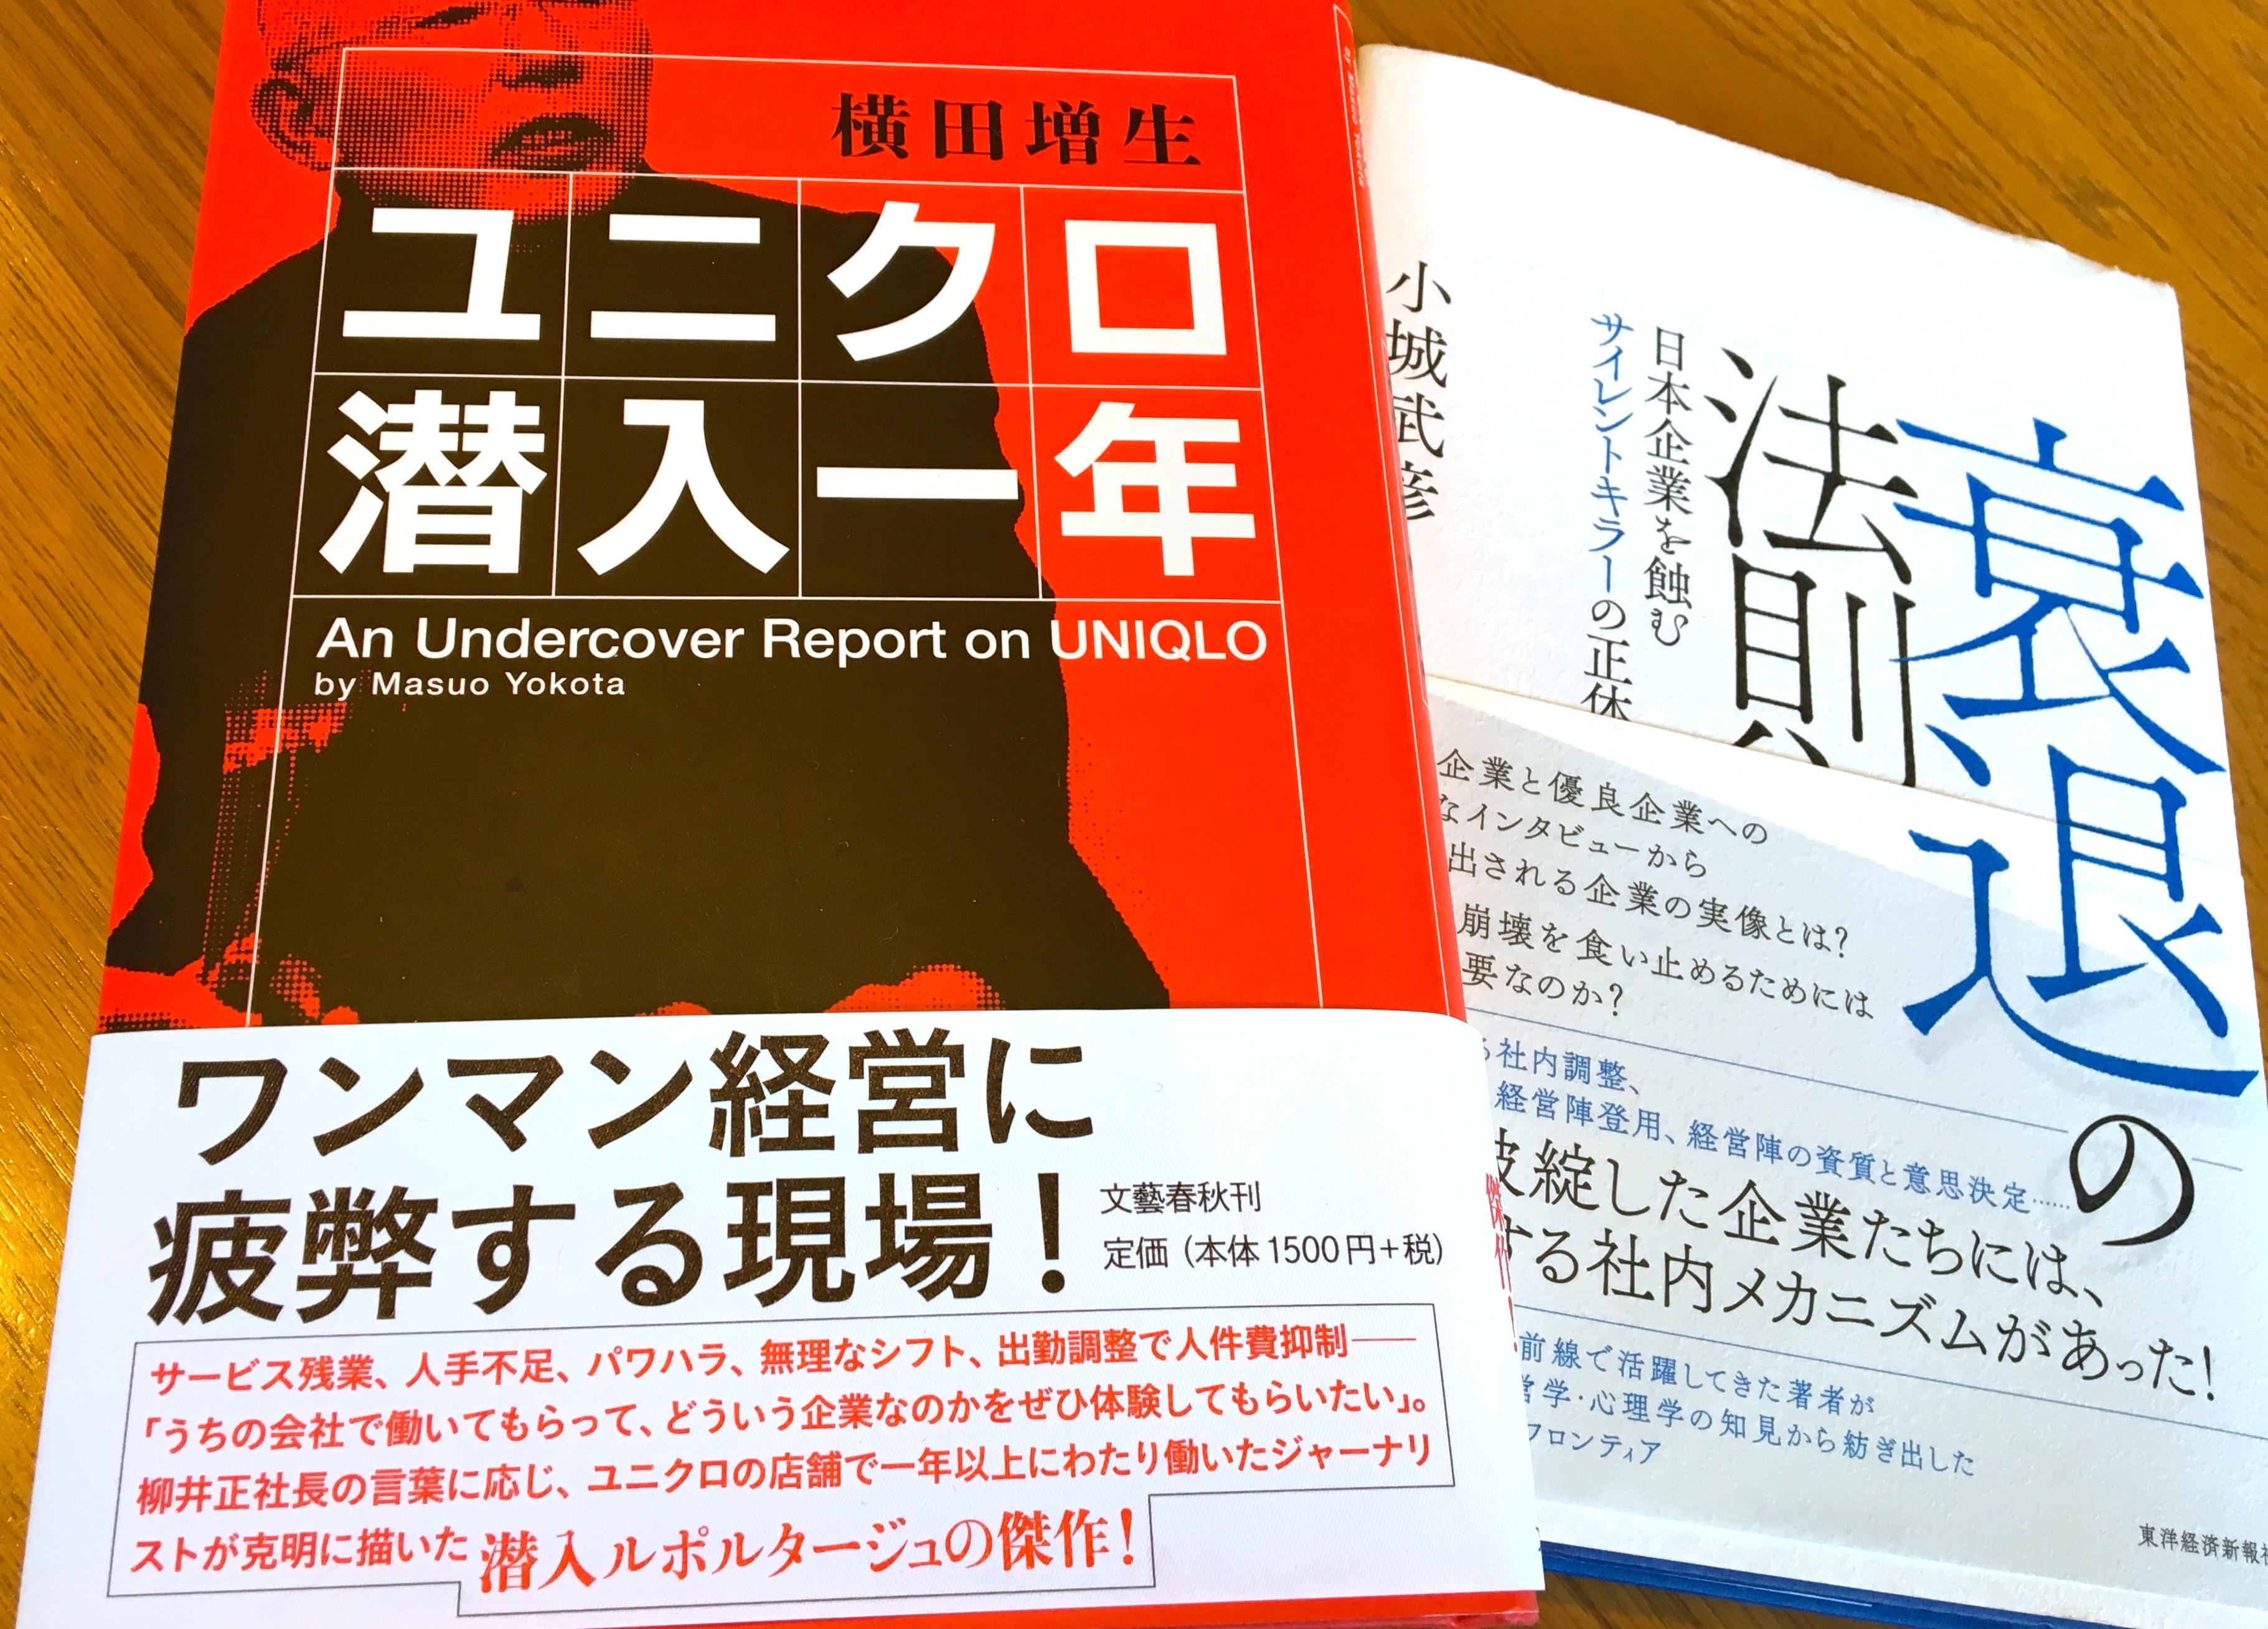 ワンマン経営の会社に勤めて〜『ユニクロ潜入一年』を読んで